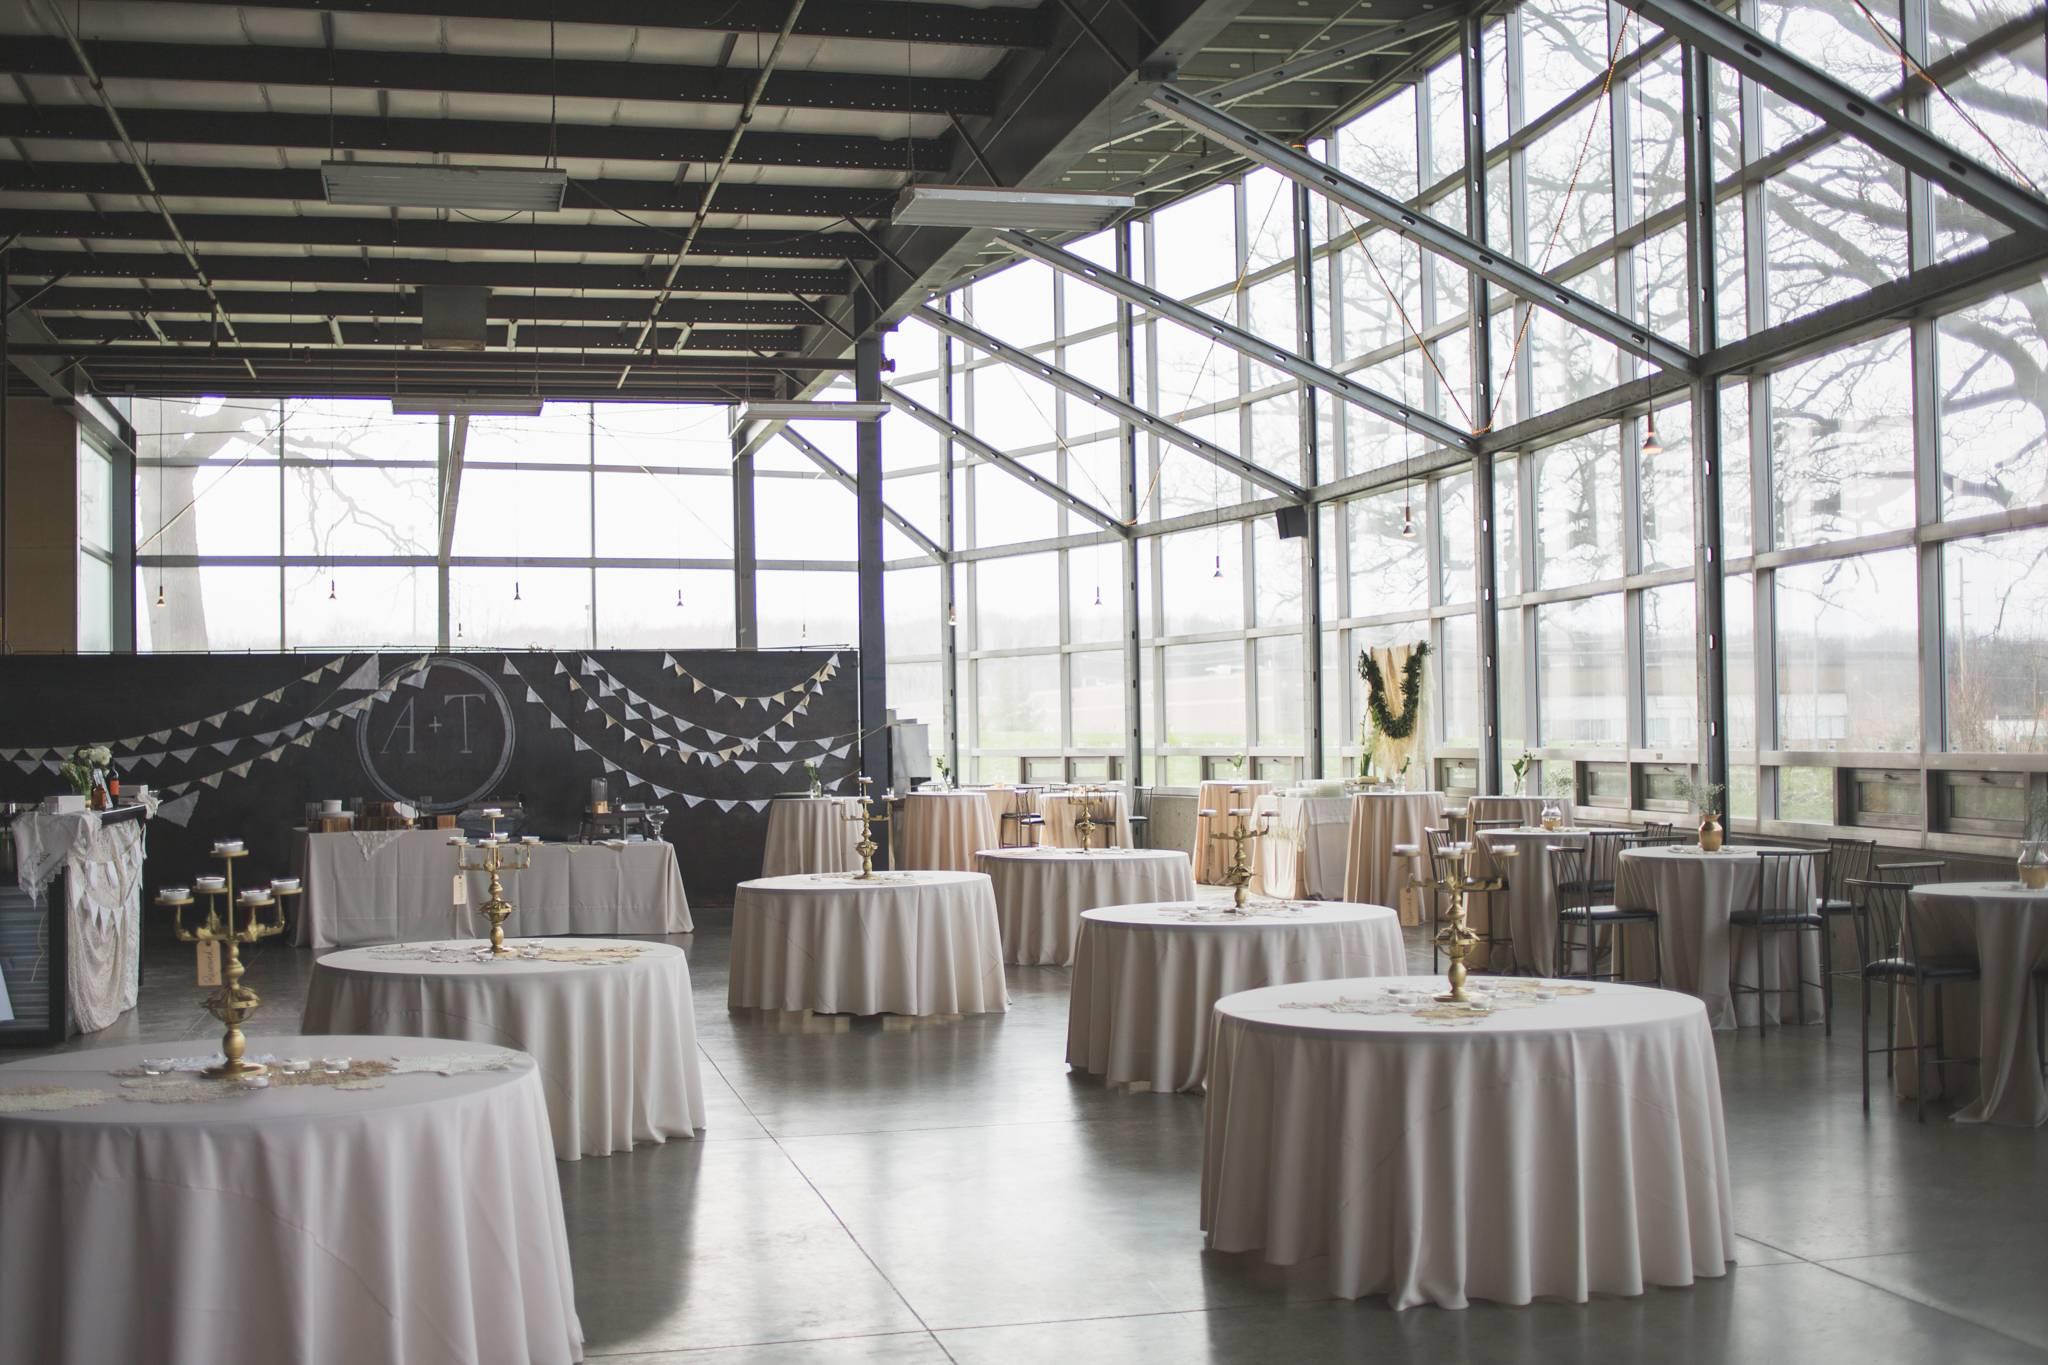 des moines amp iowa wedding venues our favorites